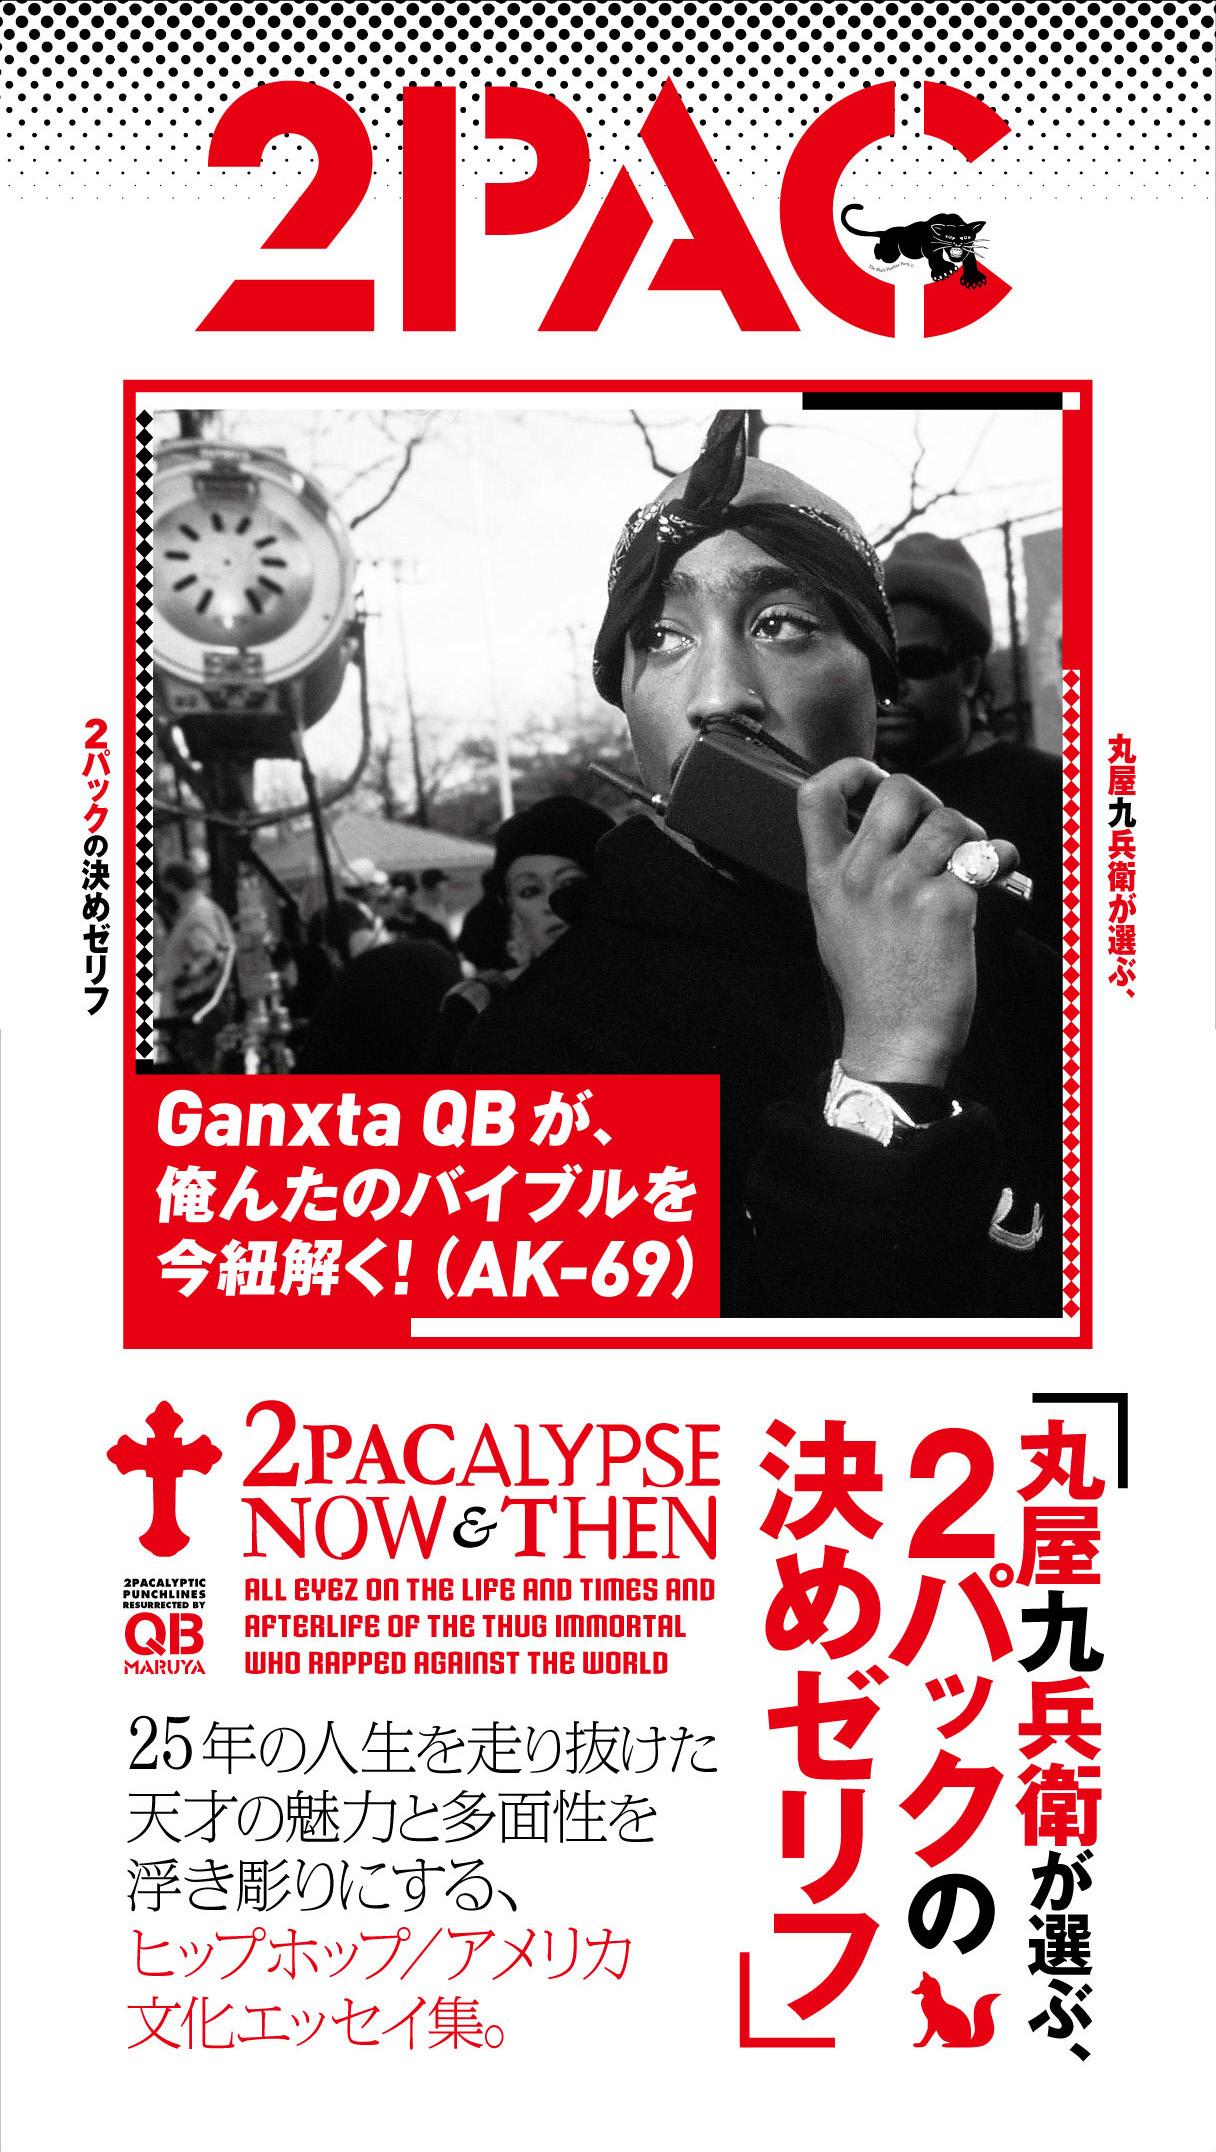 2pac_cover-obi_-2